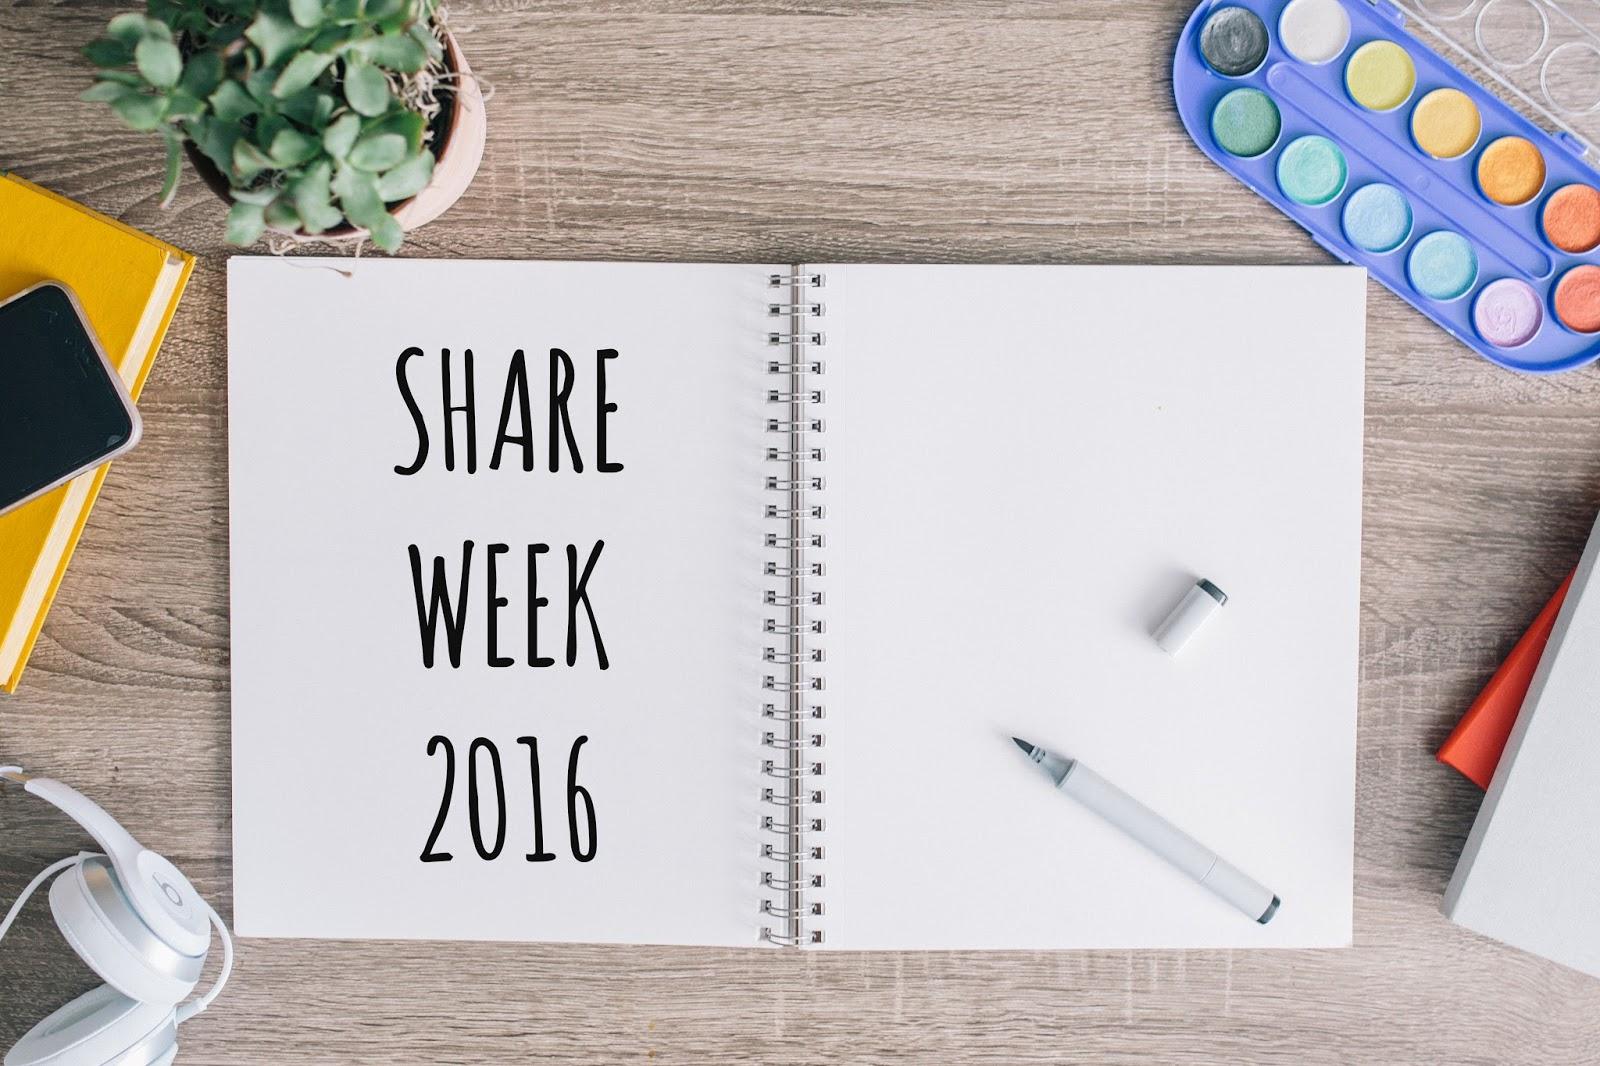 share week, andrzej tucholski, 2016, blogi, polecenia,